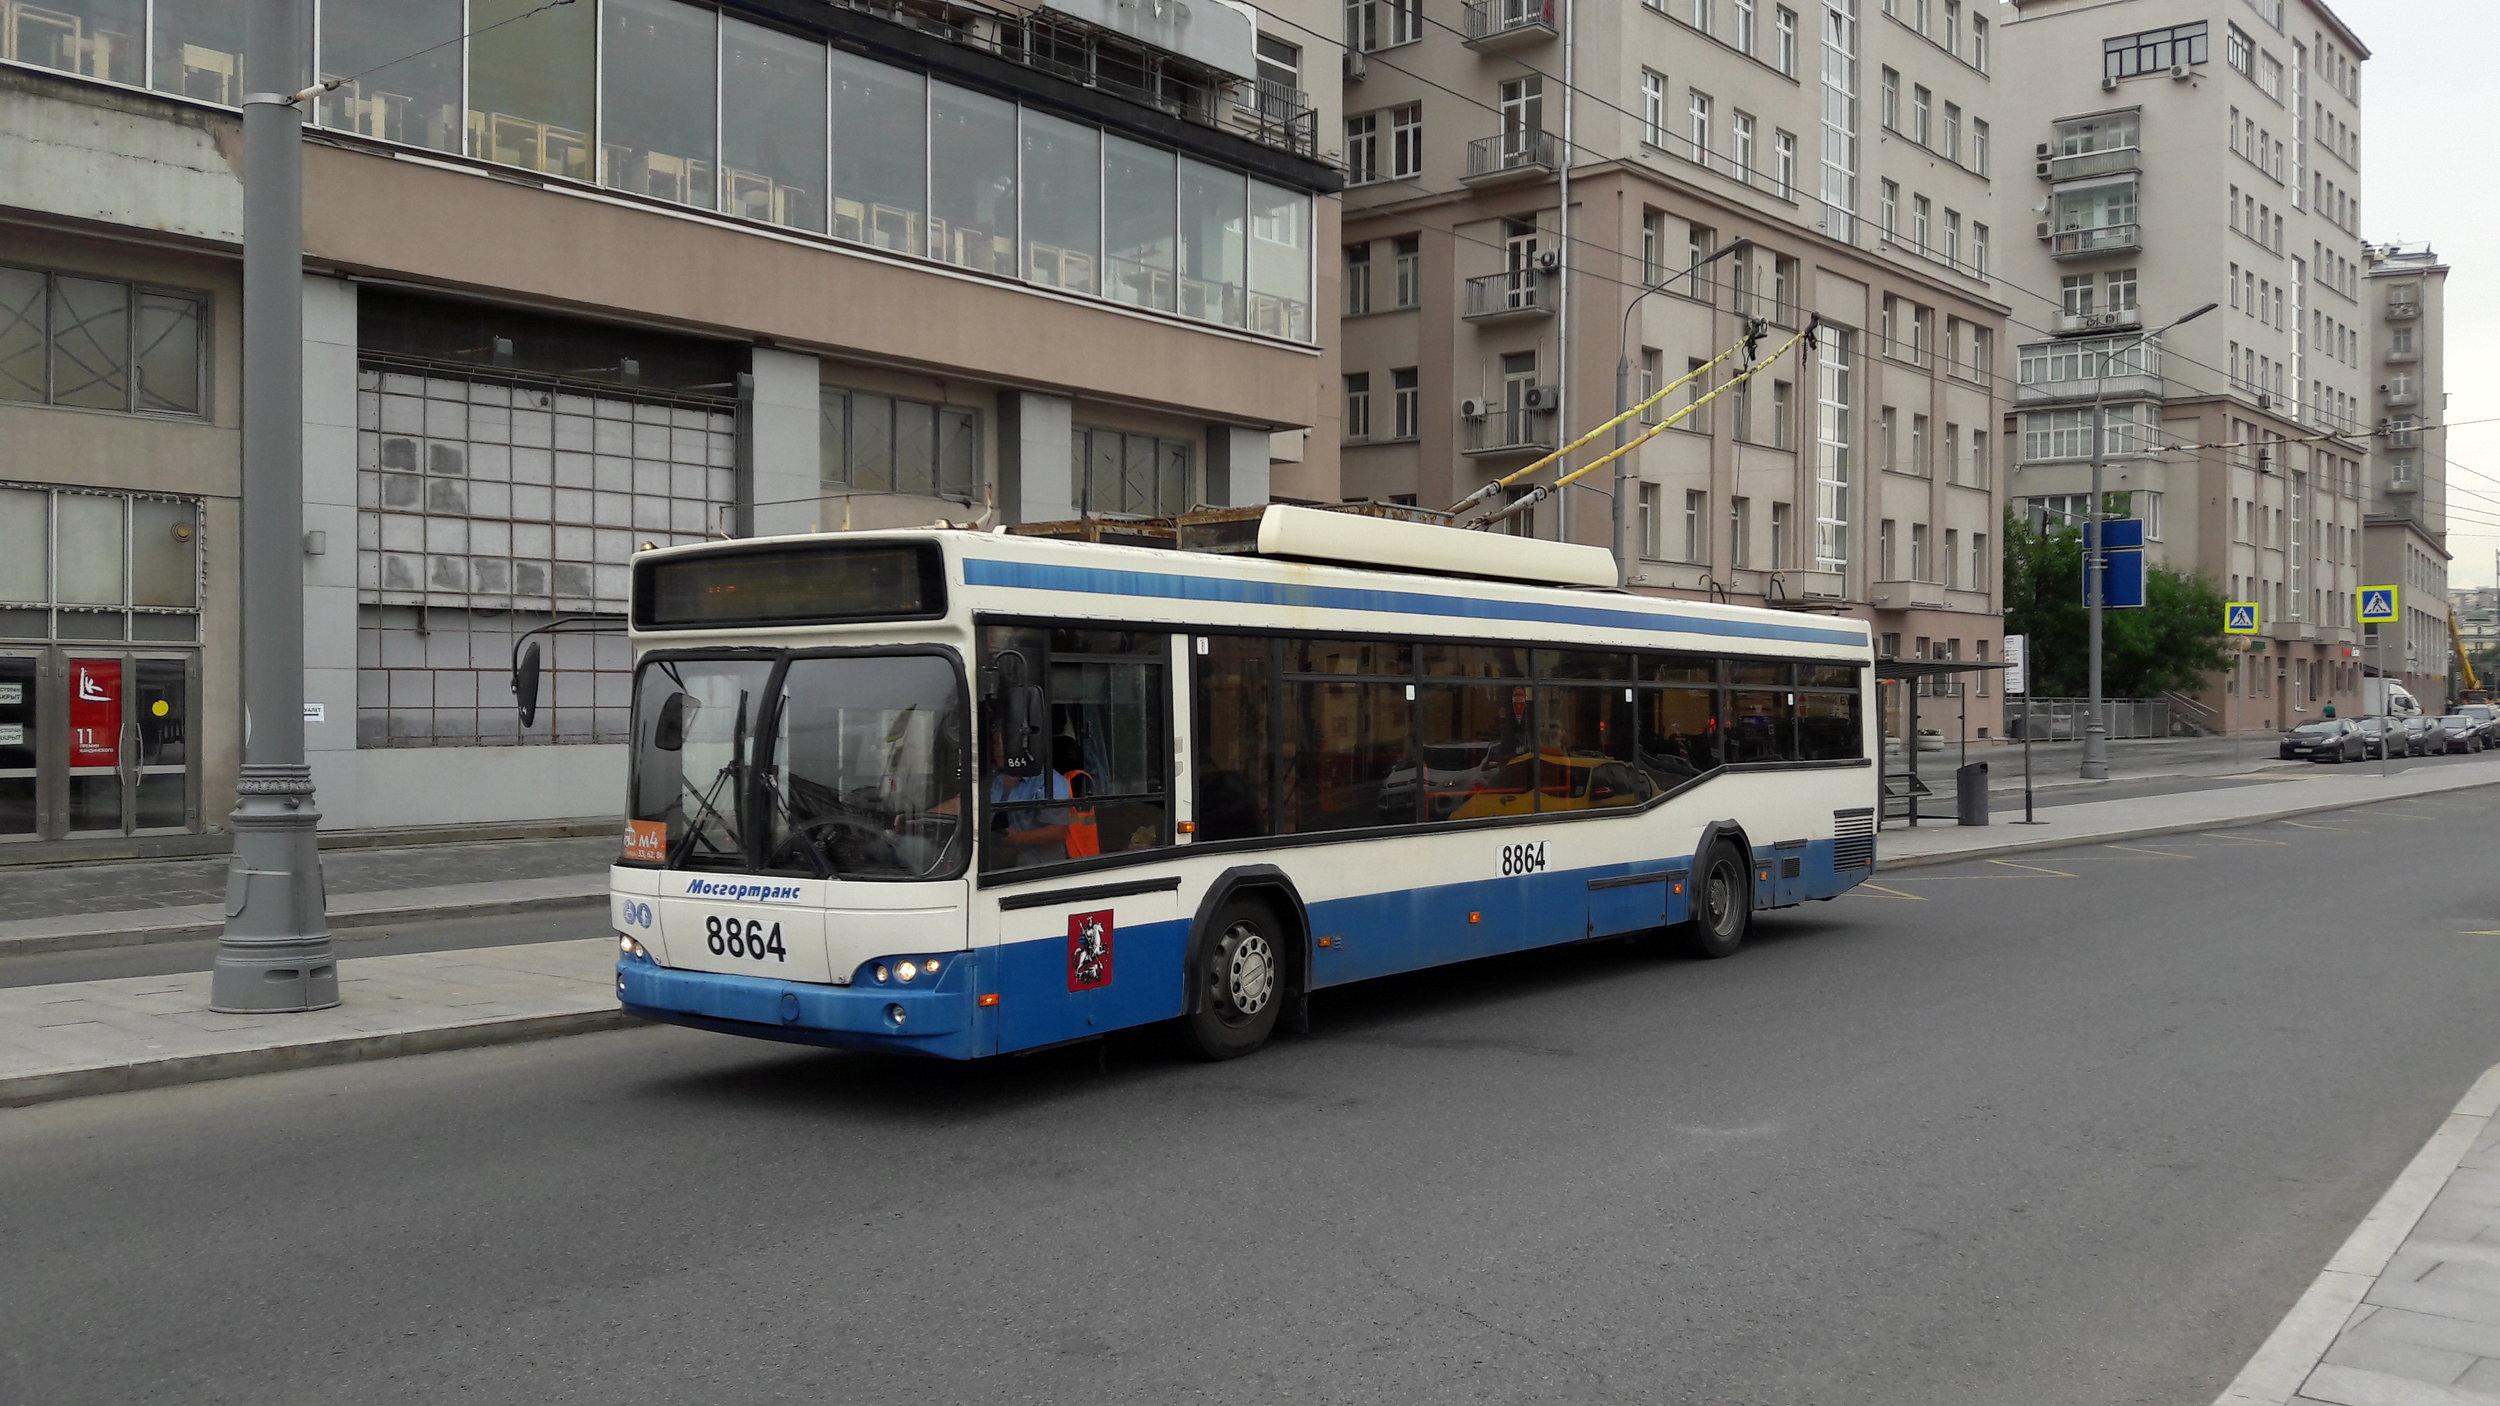 """Tři trolejbusy na konečné Kinoteatr """"Udarnik"""", která leží bezprostředně za hranicemi centra Moskvy."""